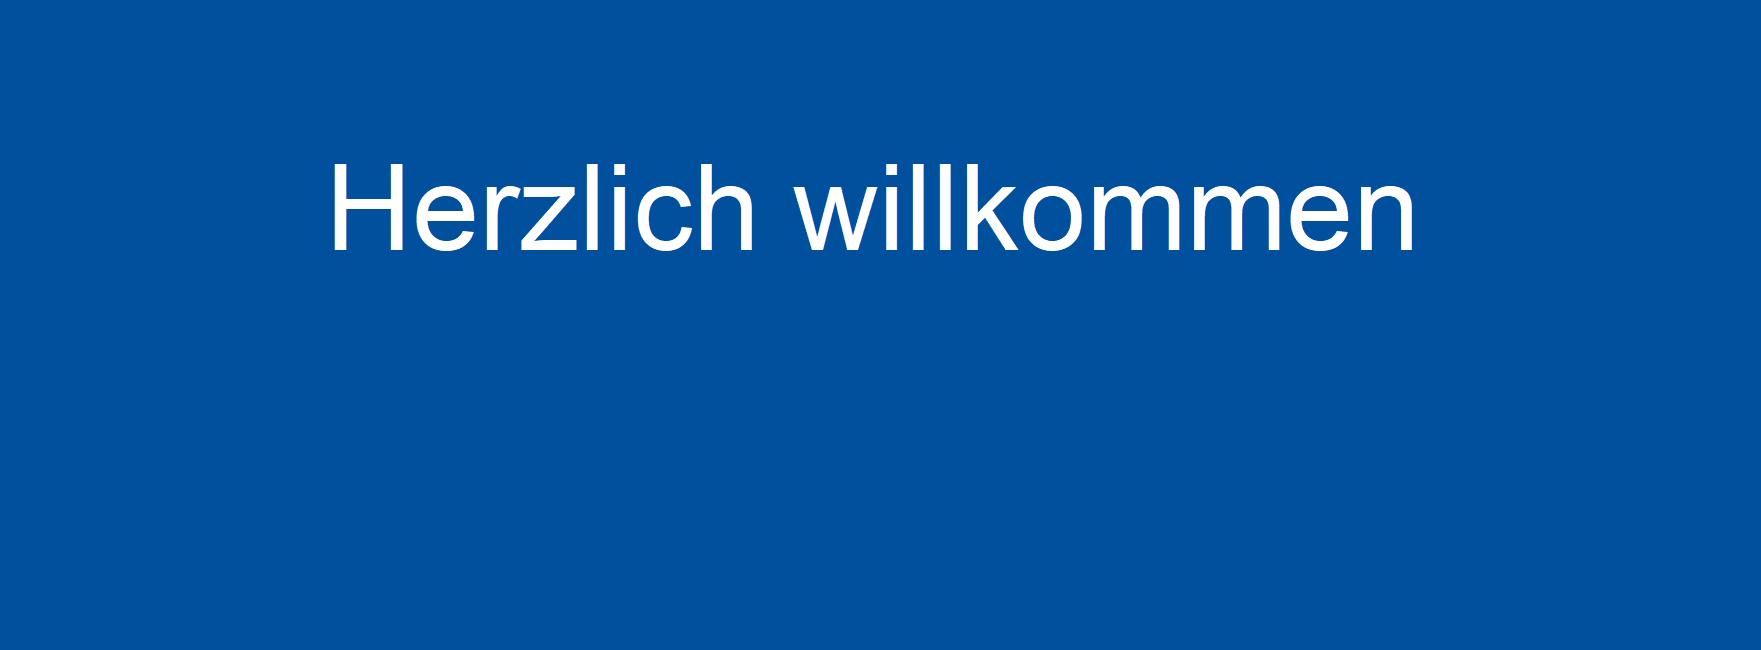 Willkommen_lang_1761x650__00509d